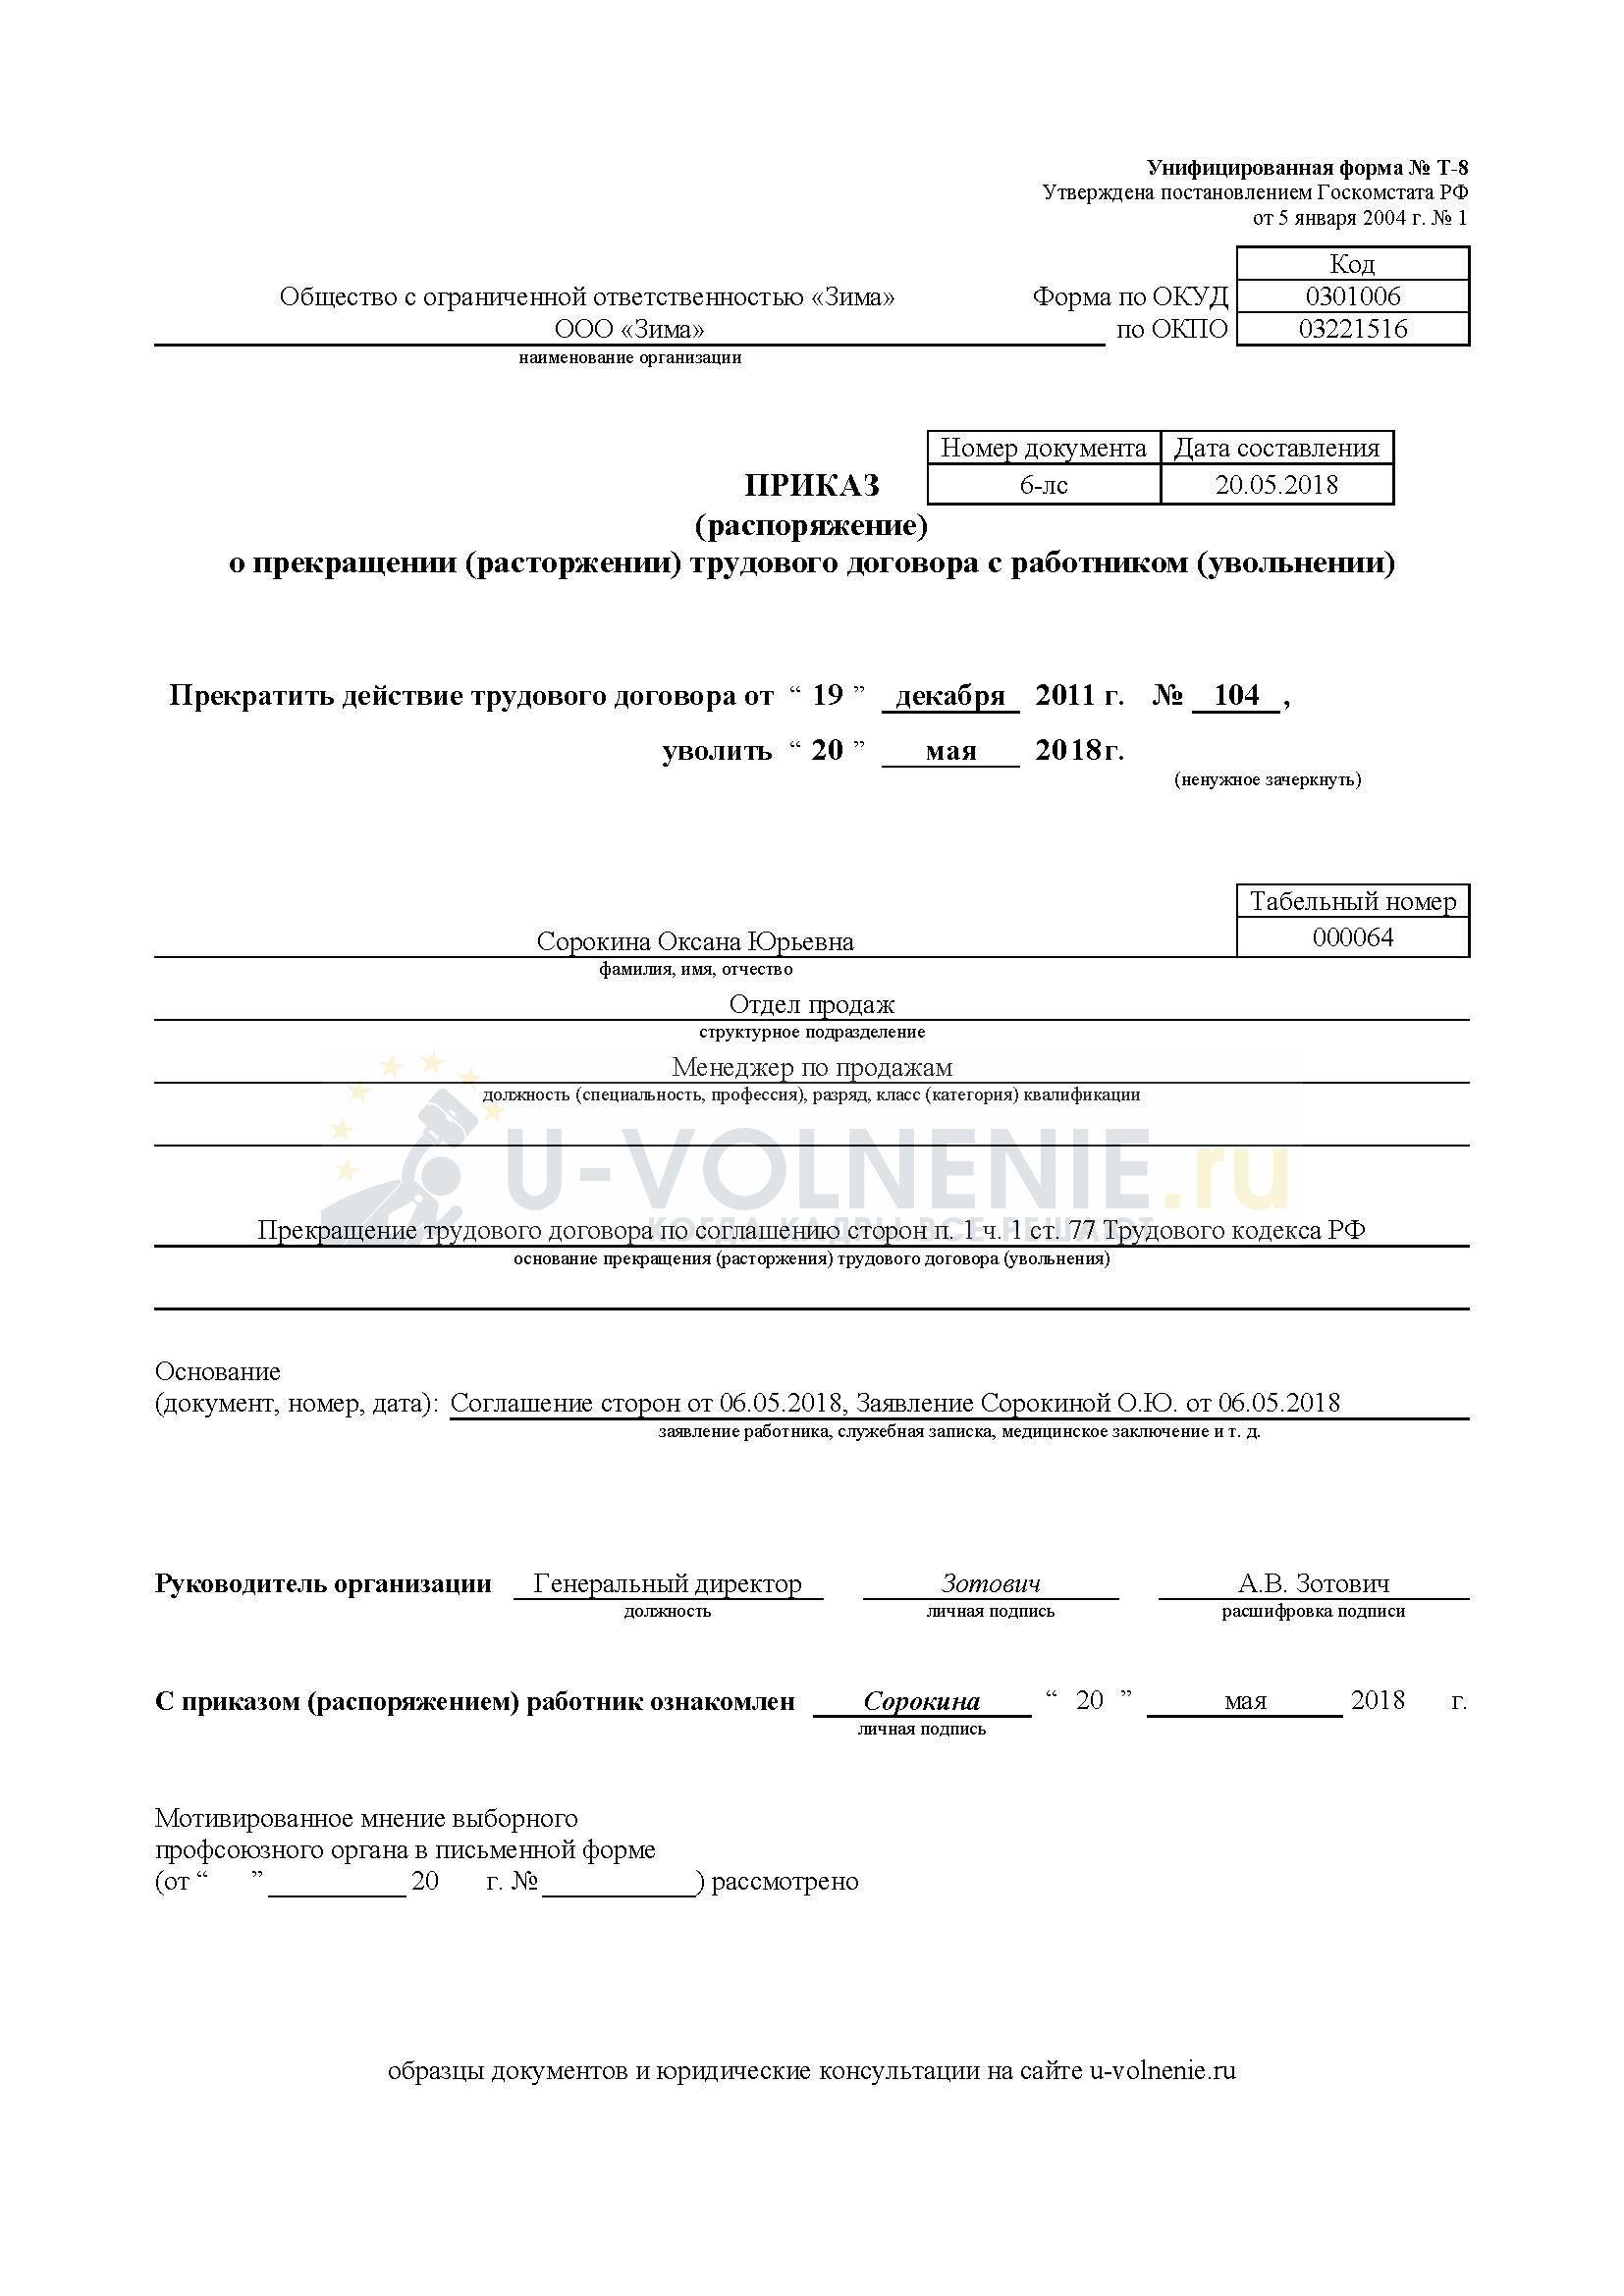 Образец приказа об увольнение по соглашению сторон